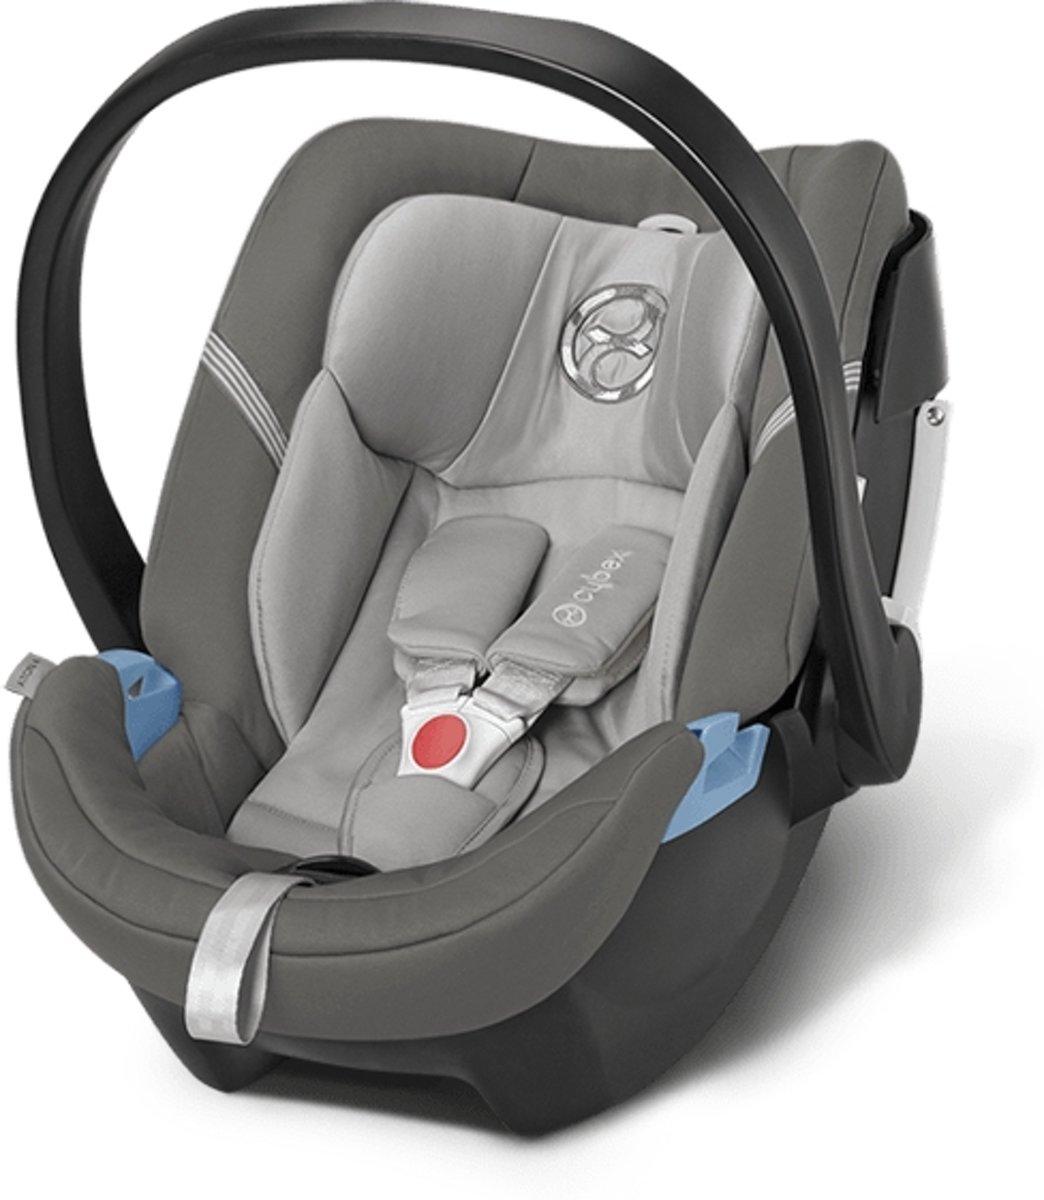 CYBEX autostoel voor €89